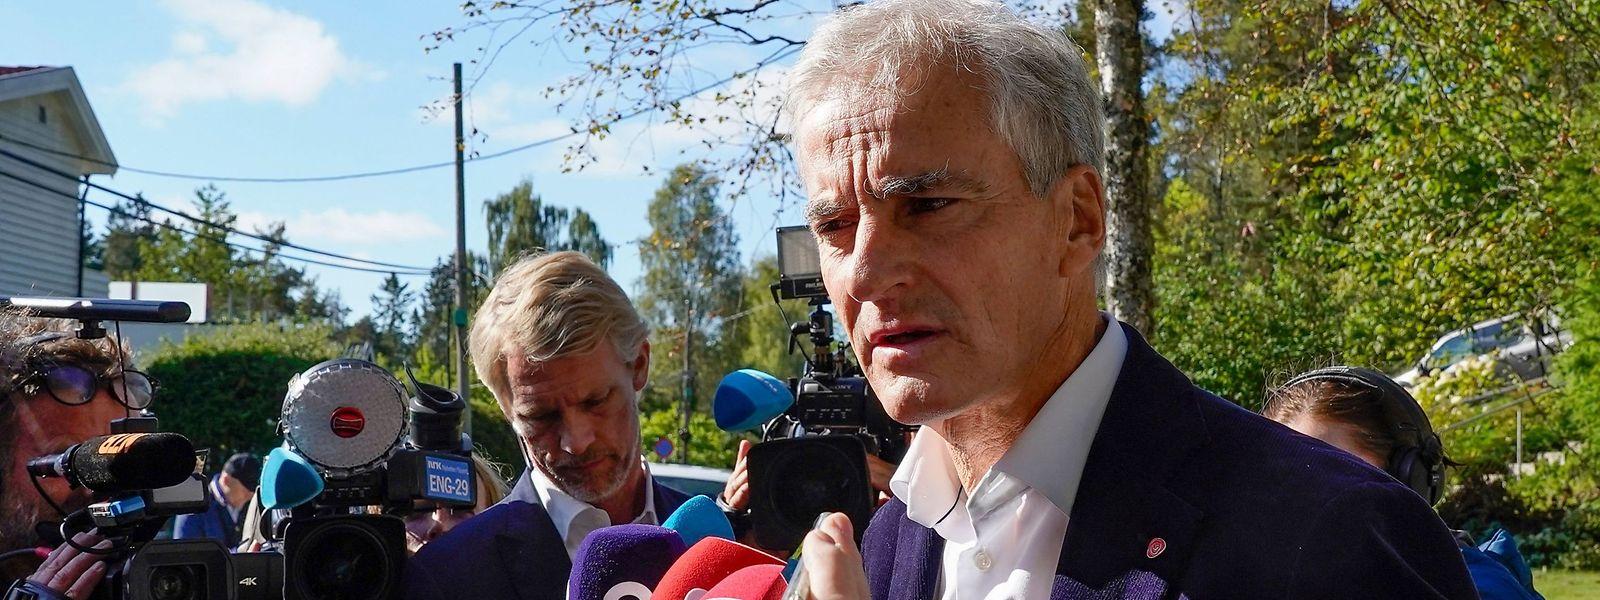 Jonas Gahr Støre wird wohl der nächste Regierungschef von Norwegen.